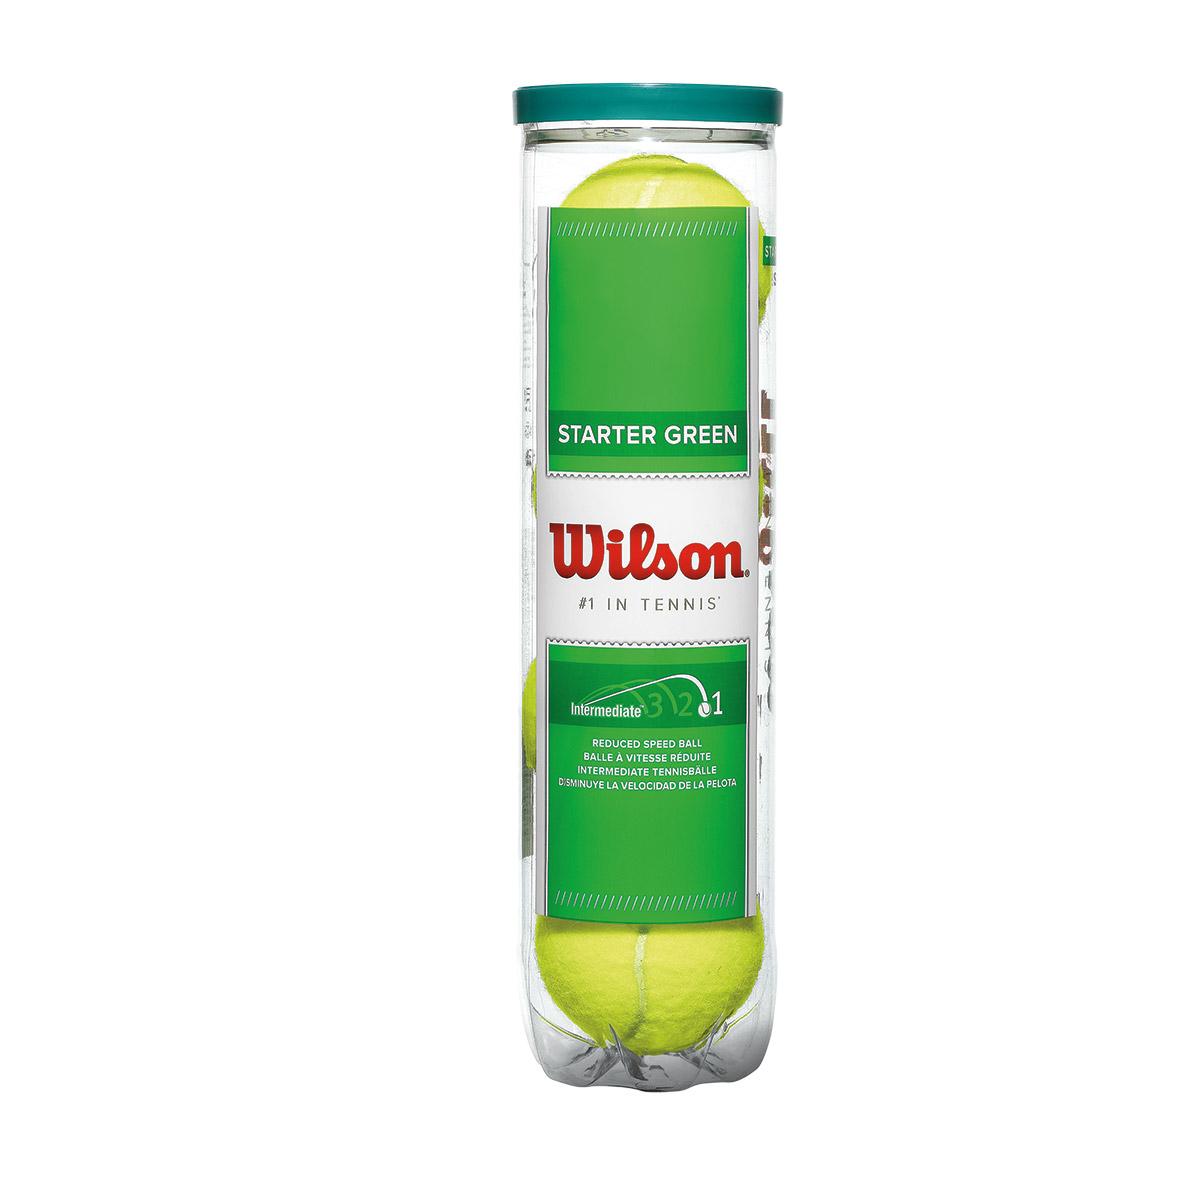 WRT137400_Starter_Green_4Ball_Can